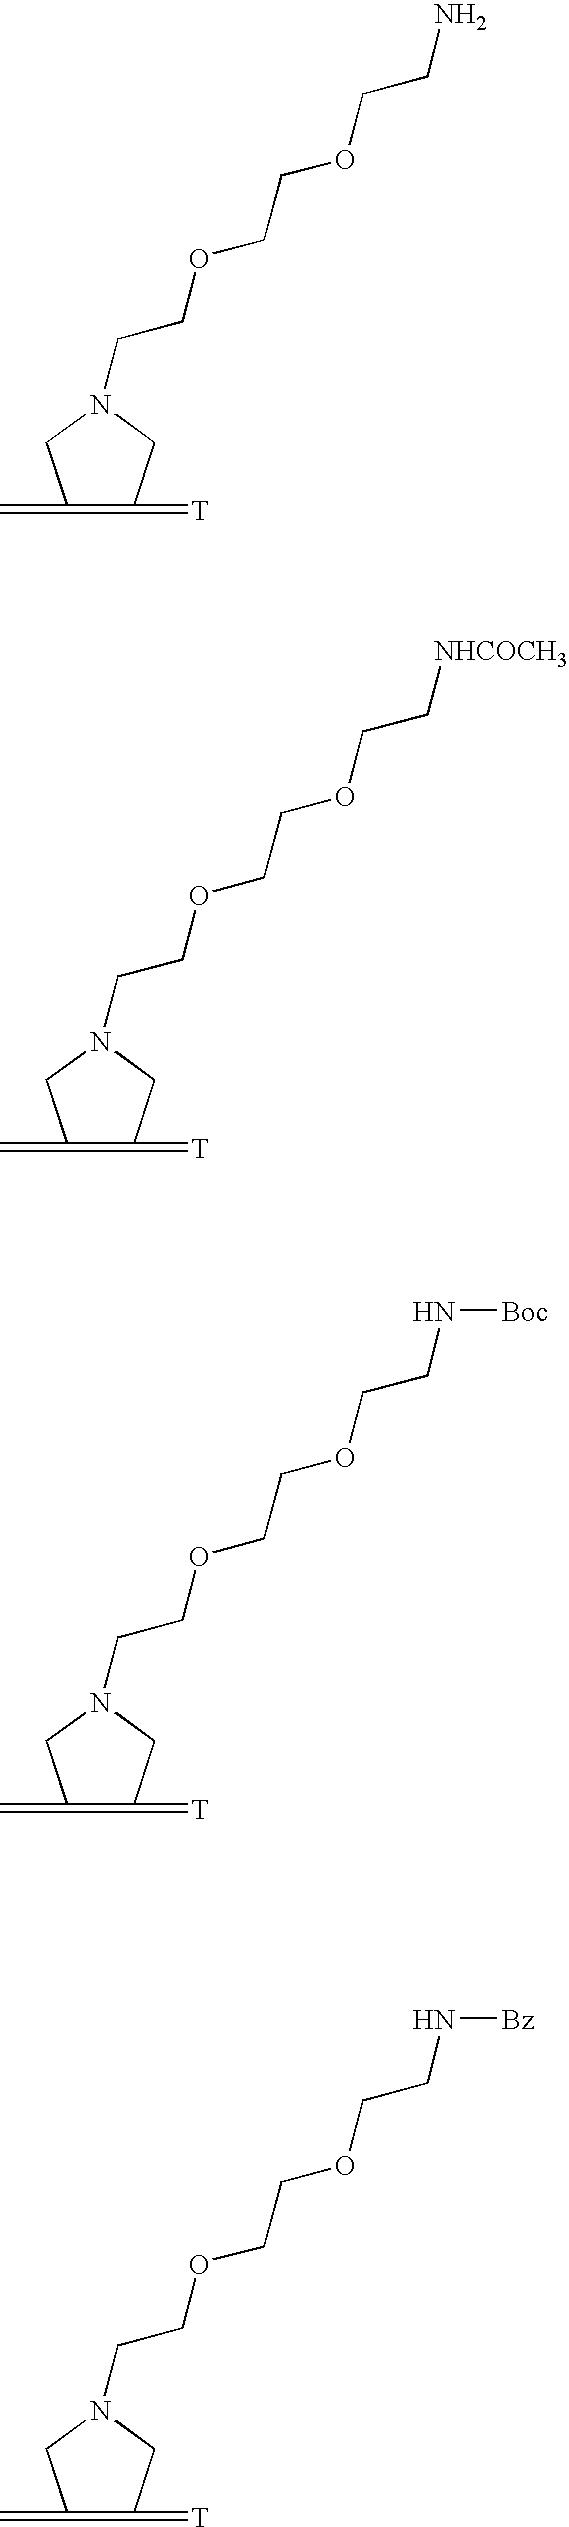 Figure US20080008760A1-20080110-C00014